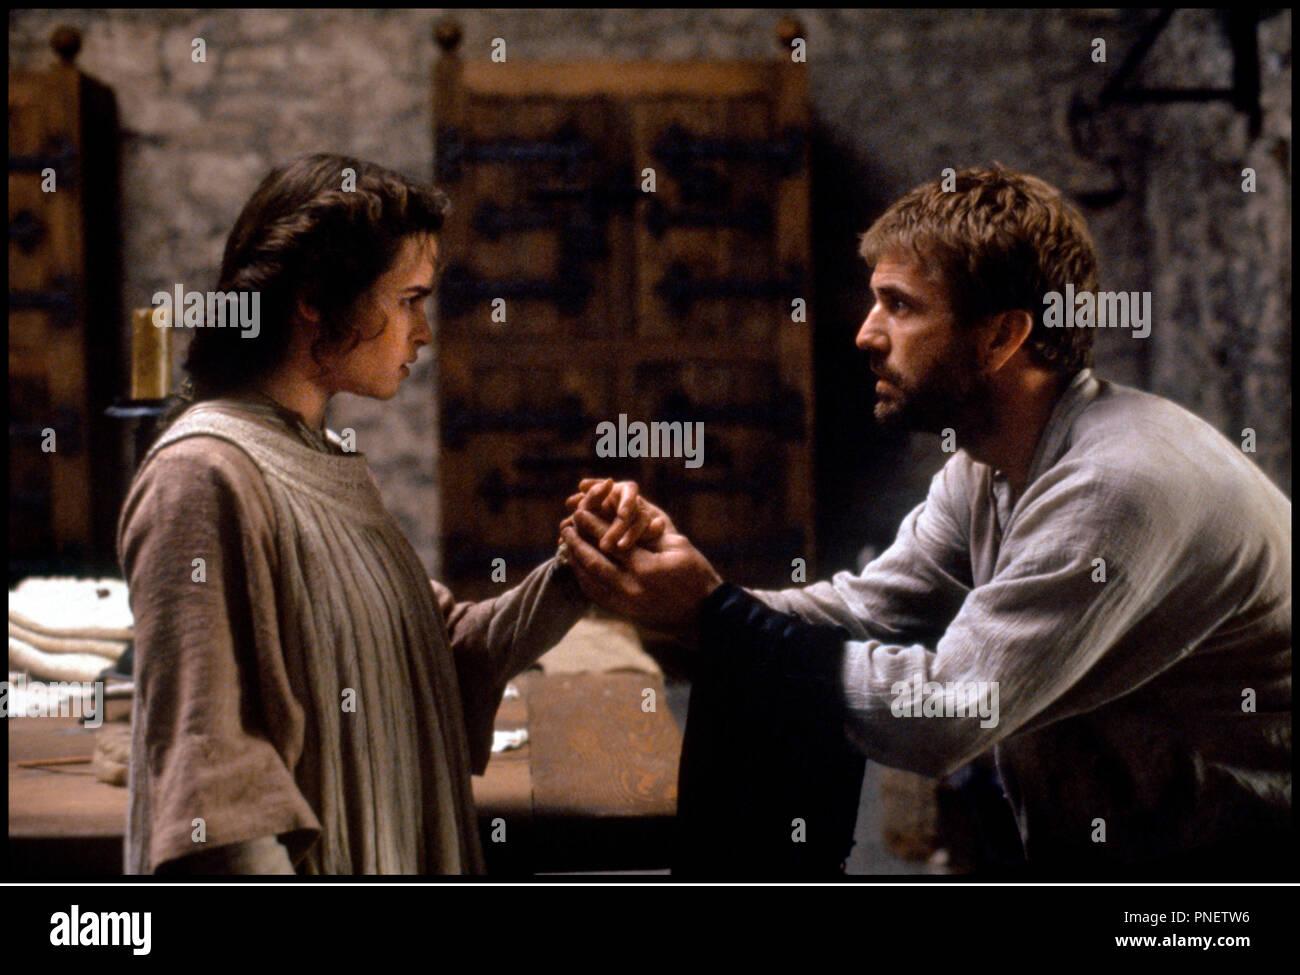 hamlet zeffirelli  Prod DB © Warner Bros / DR HAMLET (HAMLET) de Franco Zeffirelli ...